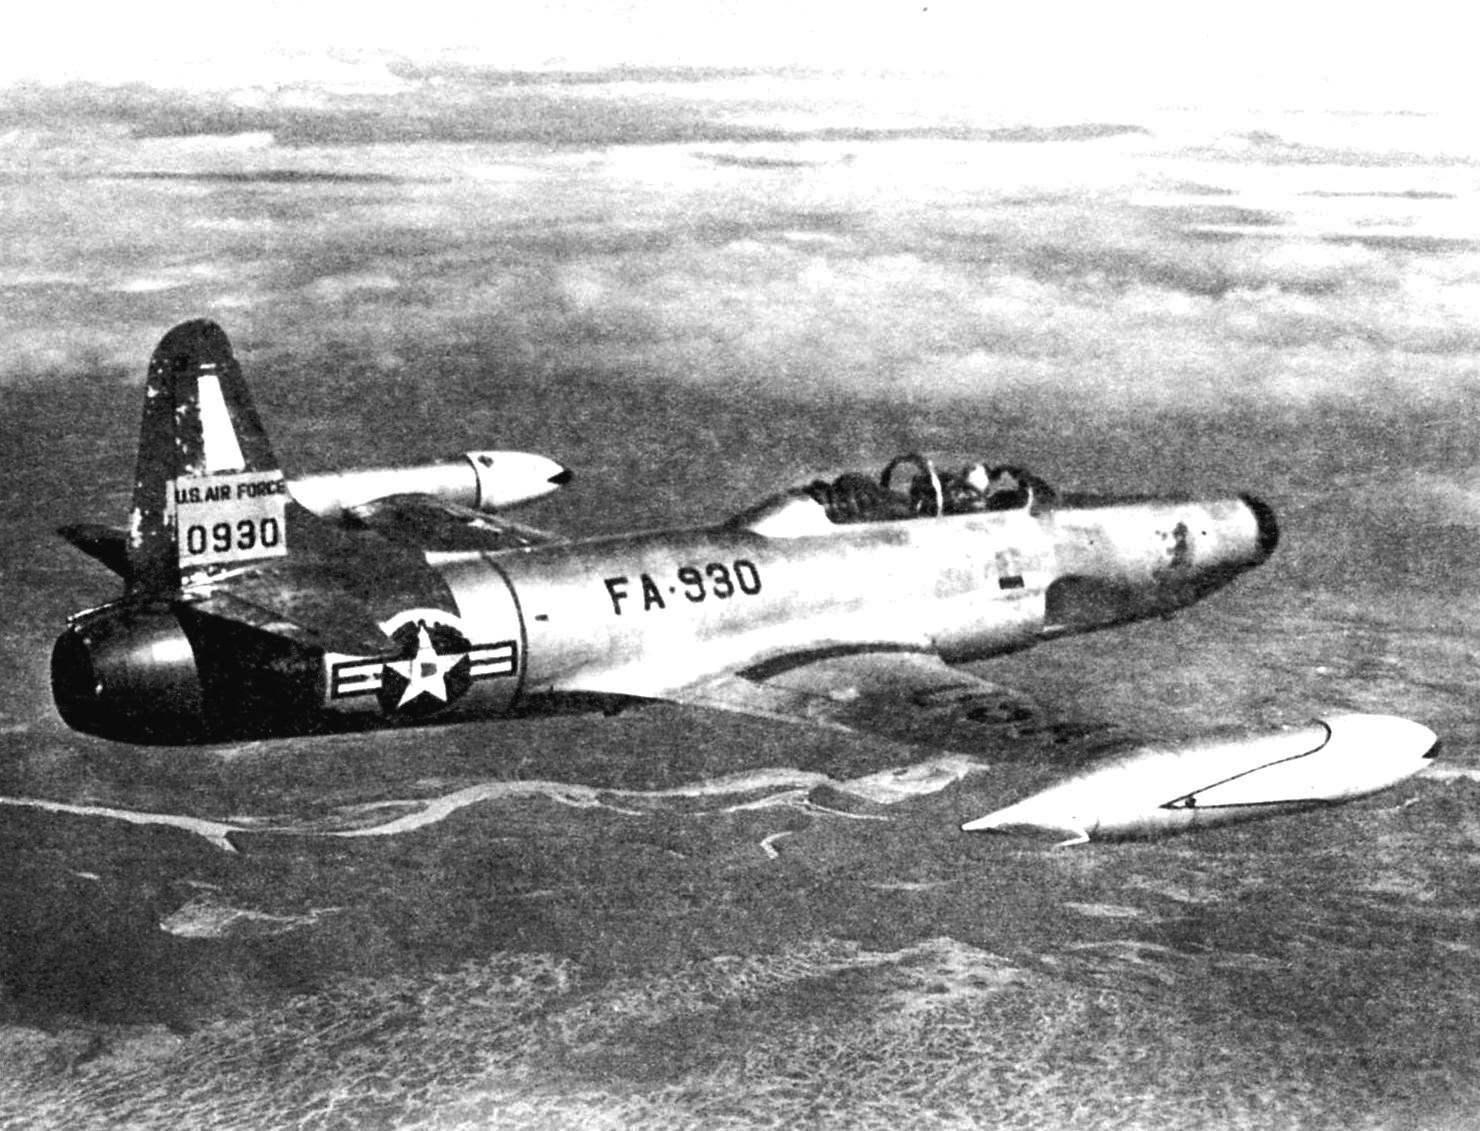 Истребитель-перехватчик F-94B в полёте